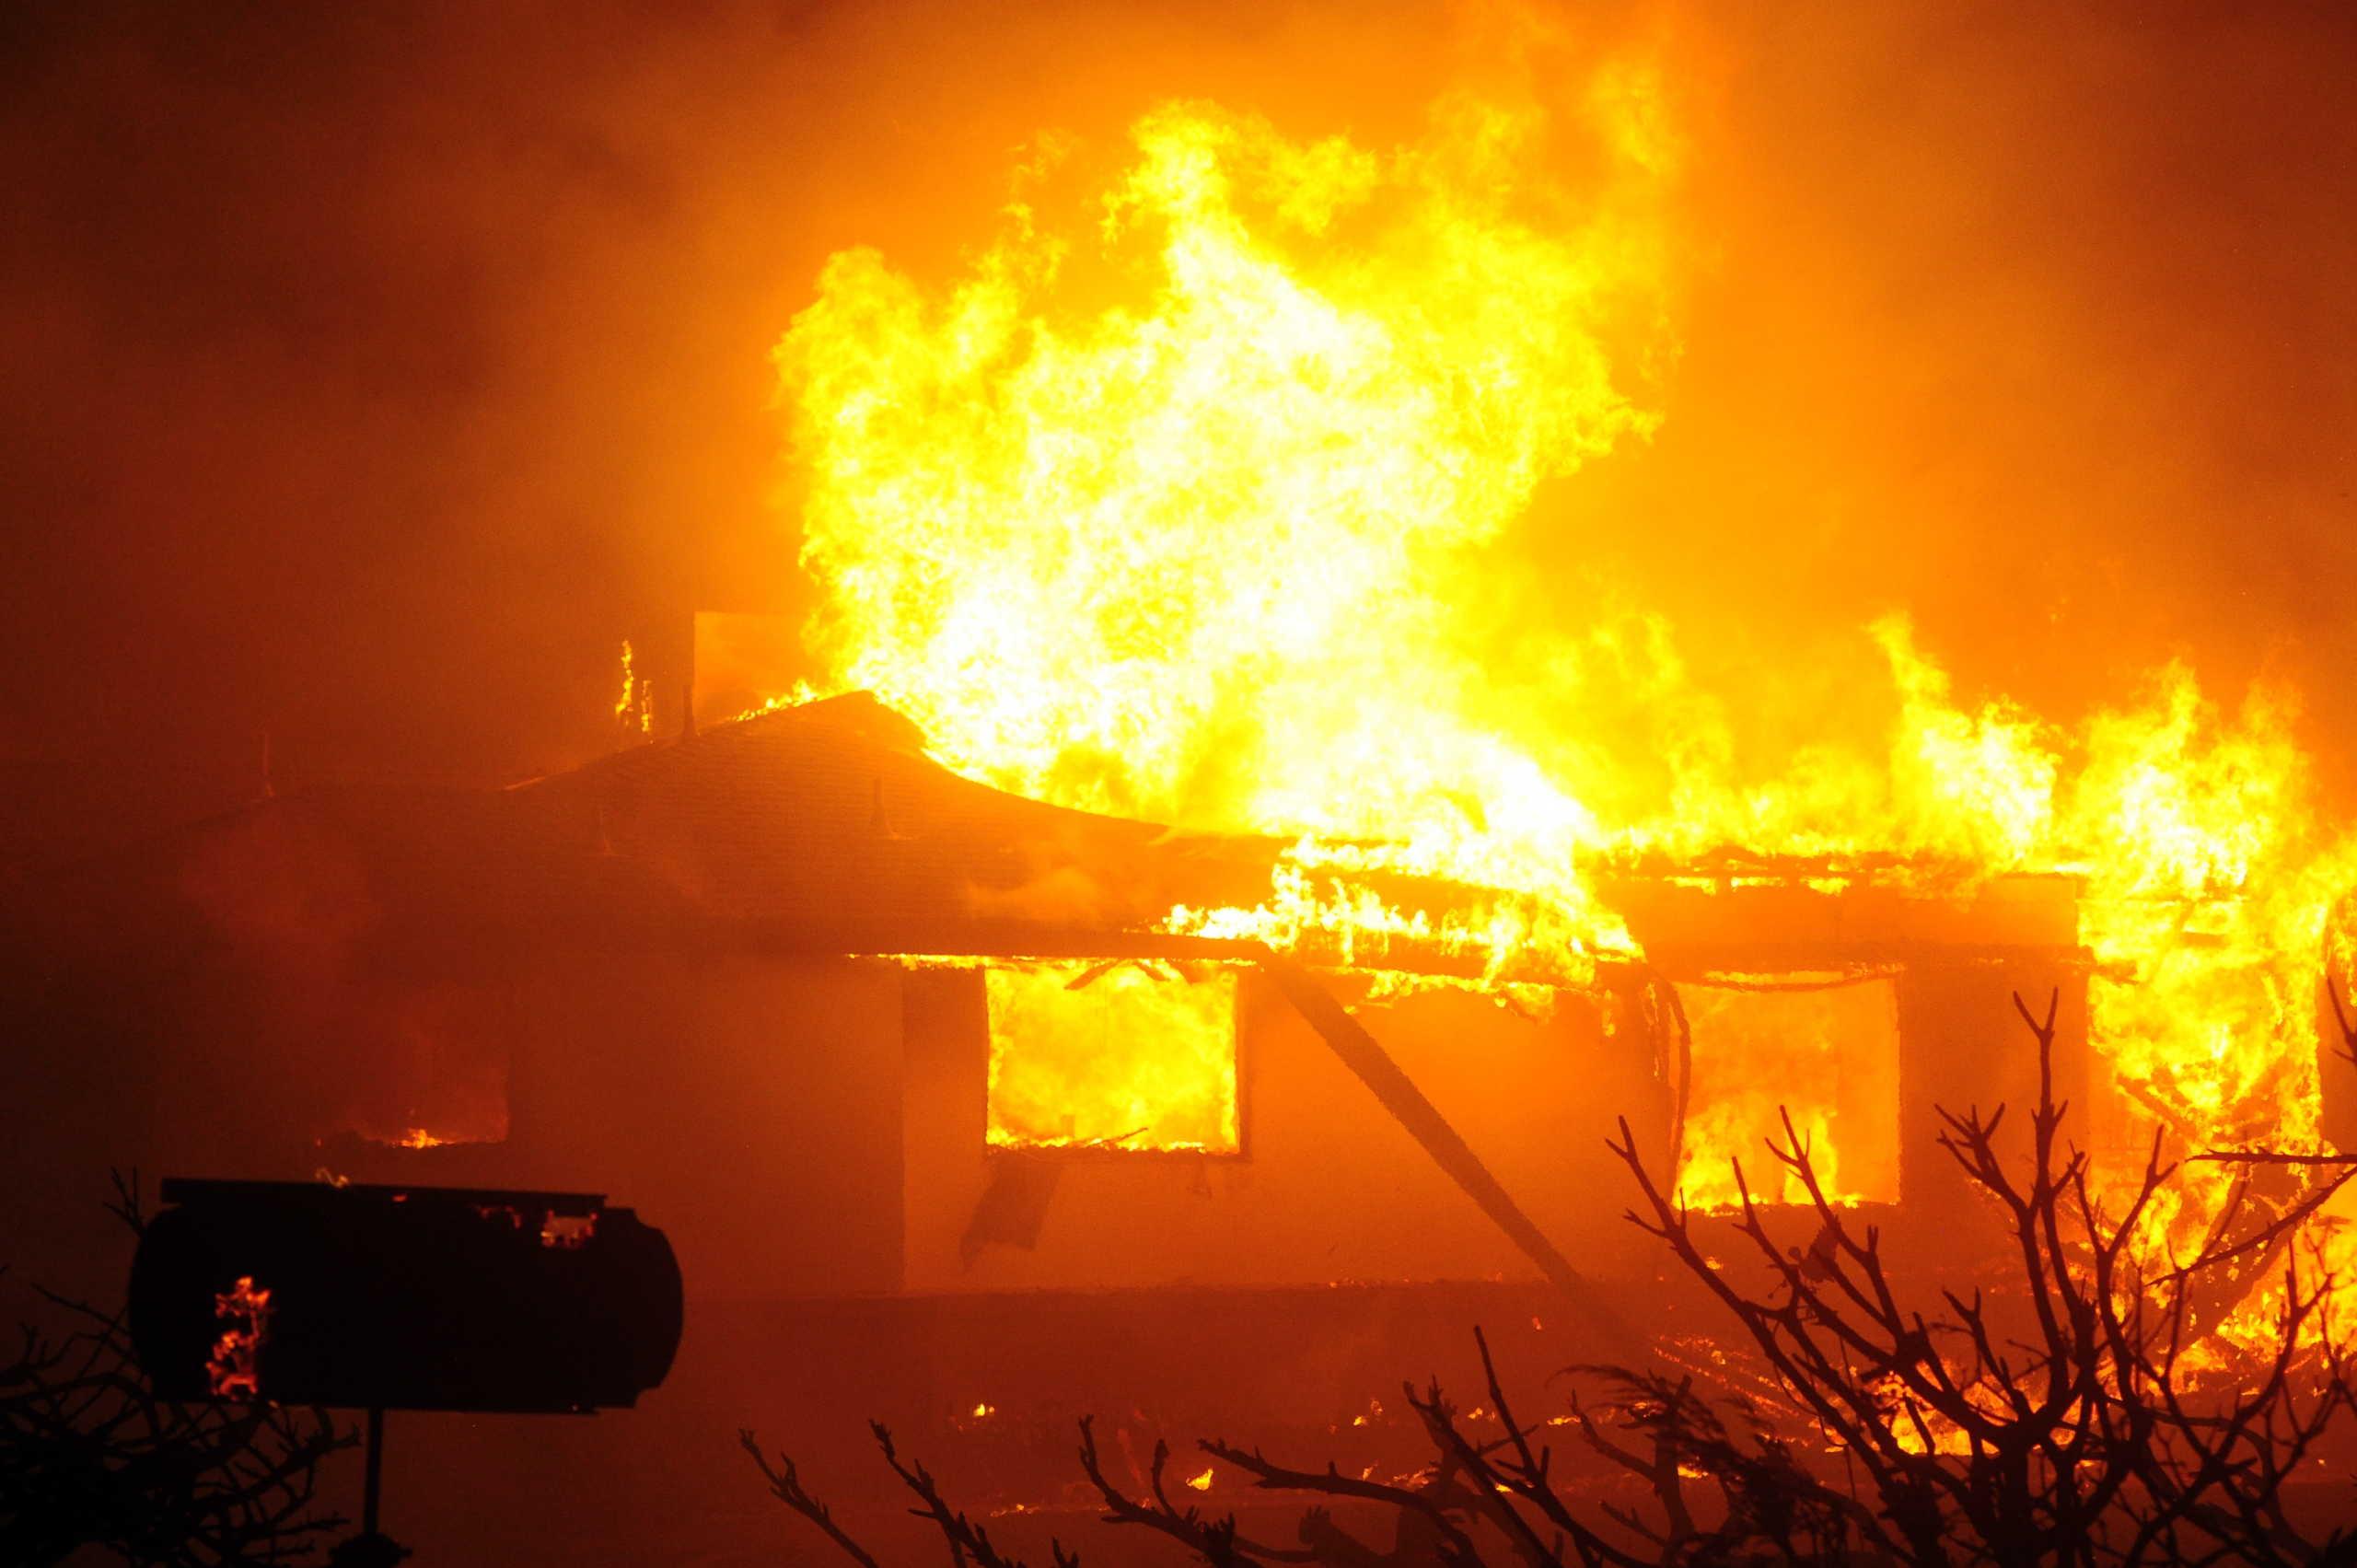 Πύρινη κόλαση στην Καλιφόρνια: Φωτιές, καύσωνας και χιλιάδες σπίτια χωρίς ηλεκτρικό ρεύμα (pics)